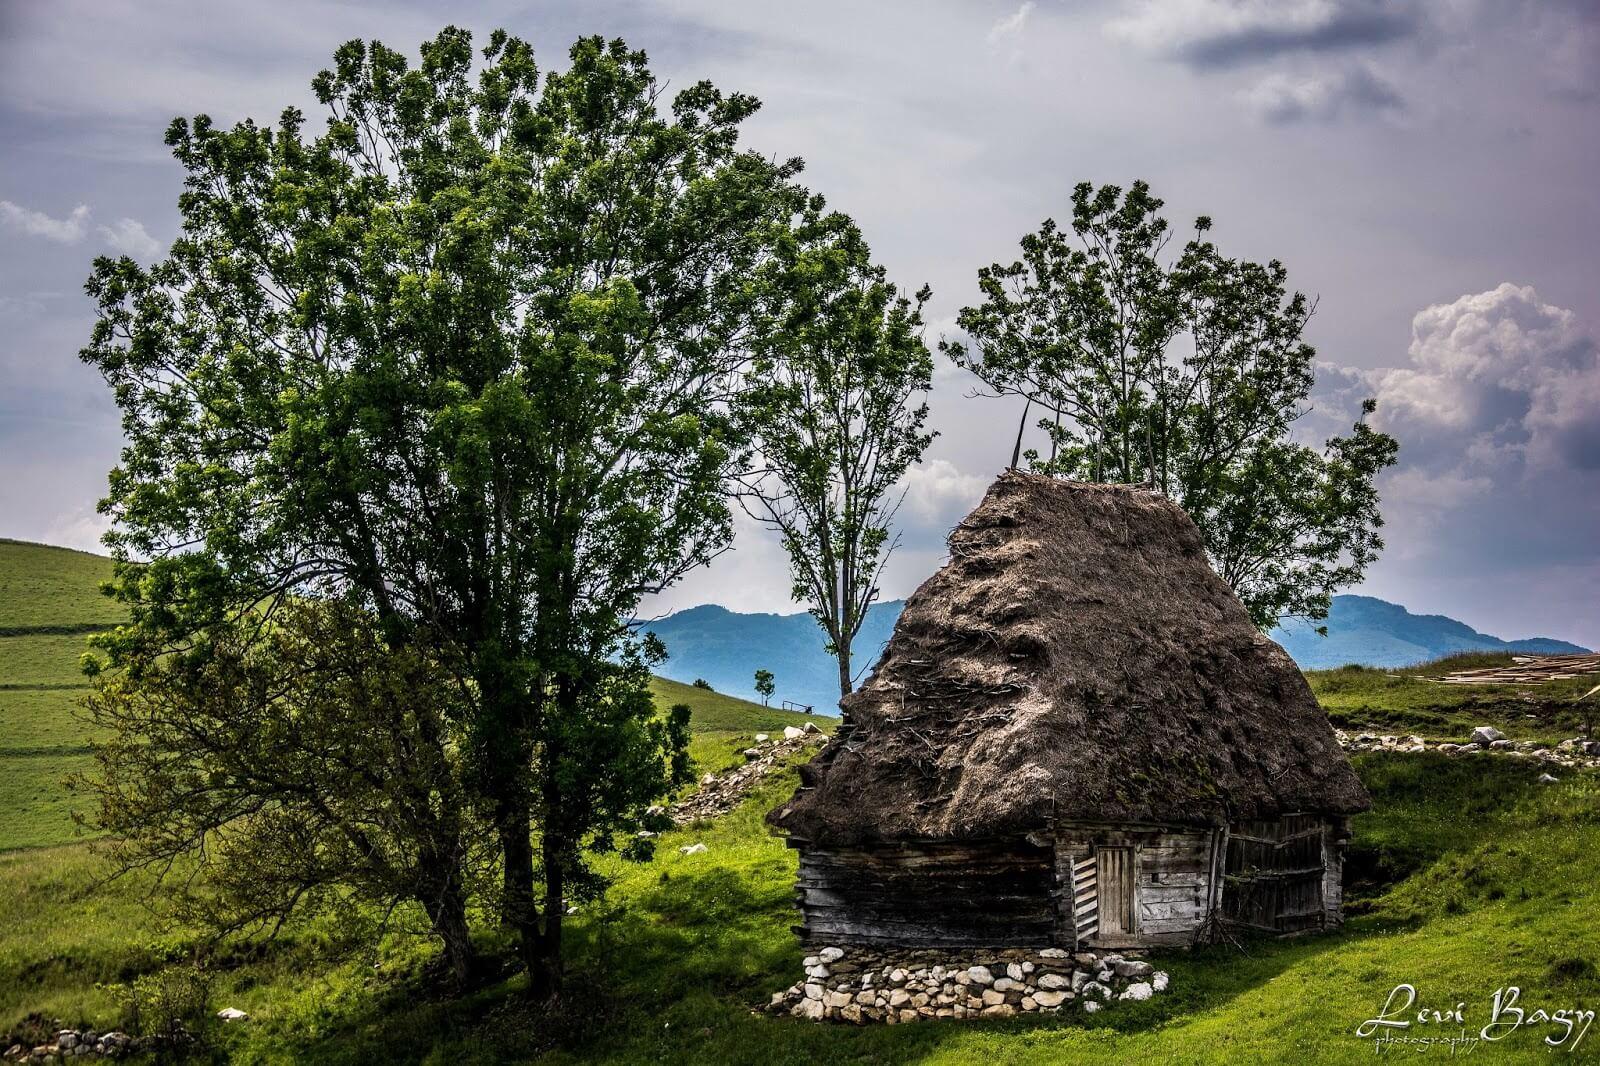 Dumești -Levi Bagy Photography